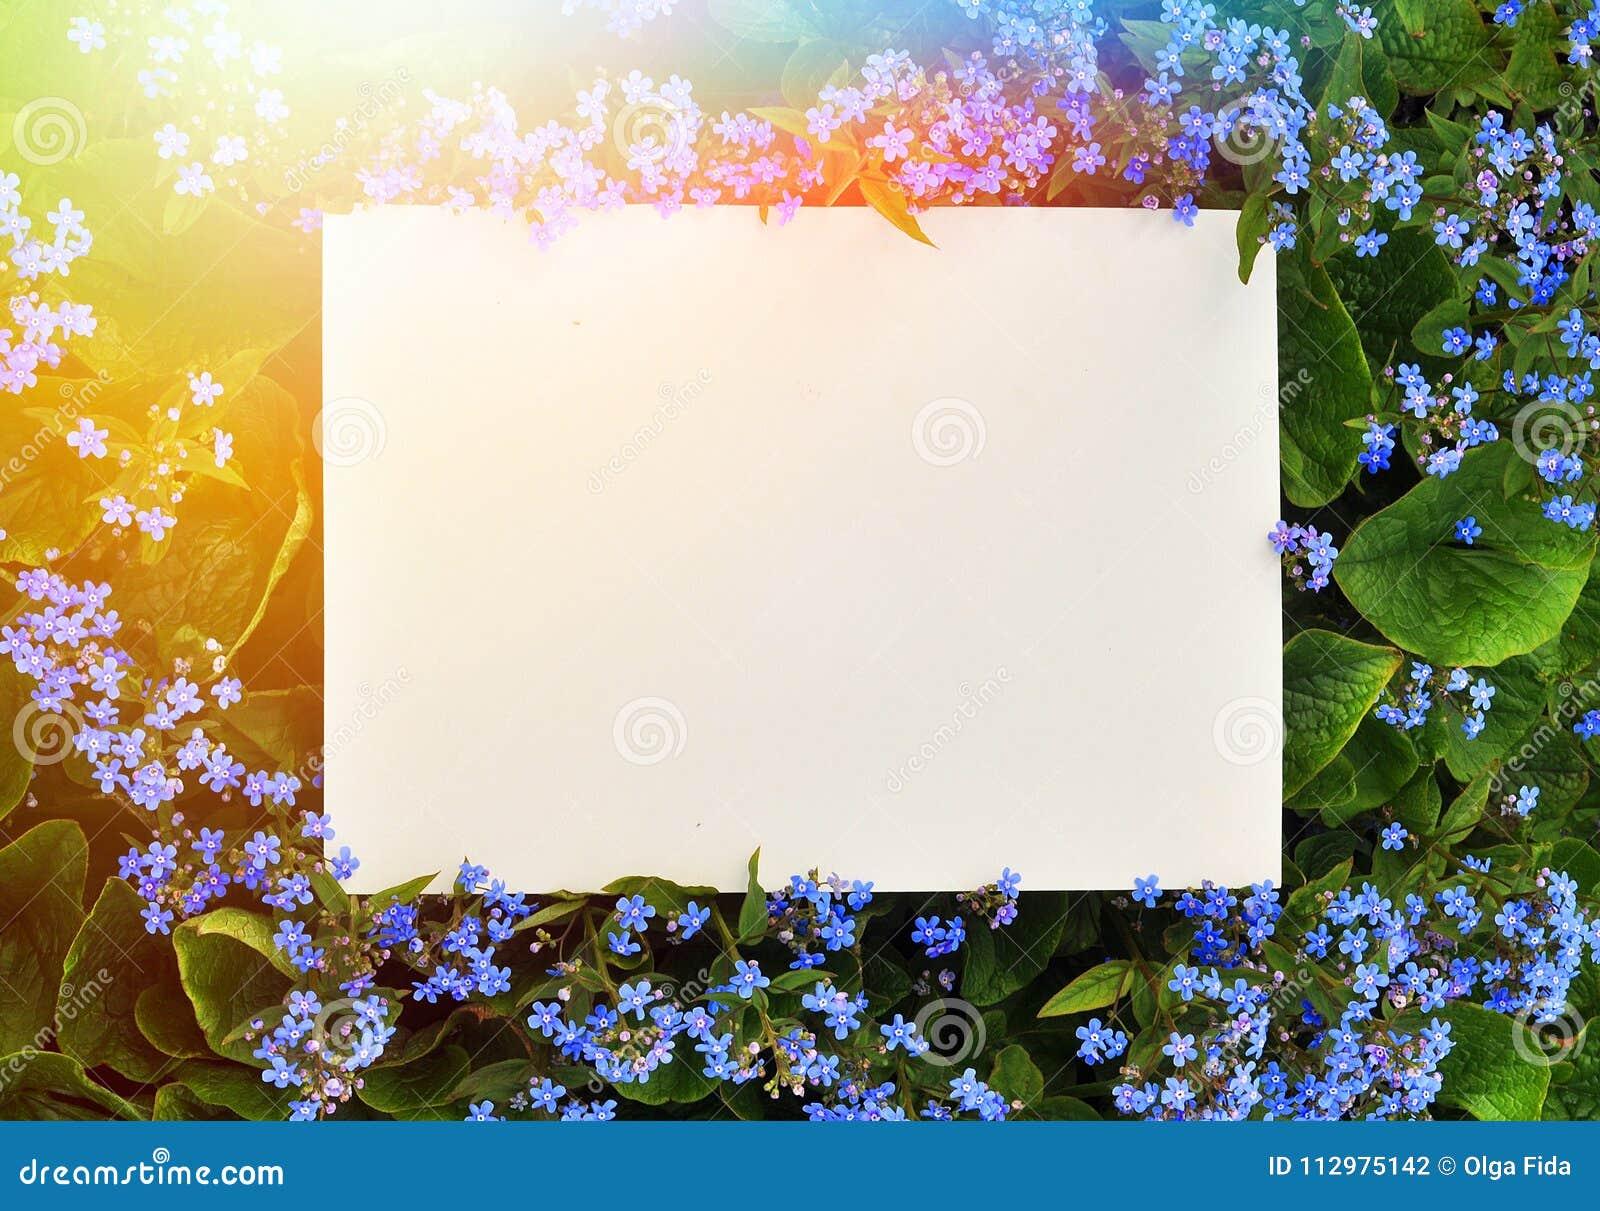 Summer frame of flowers